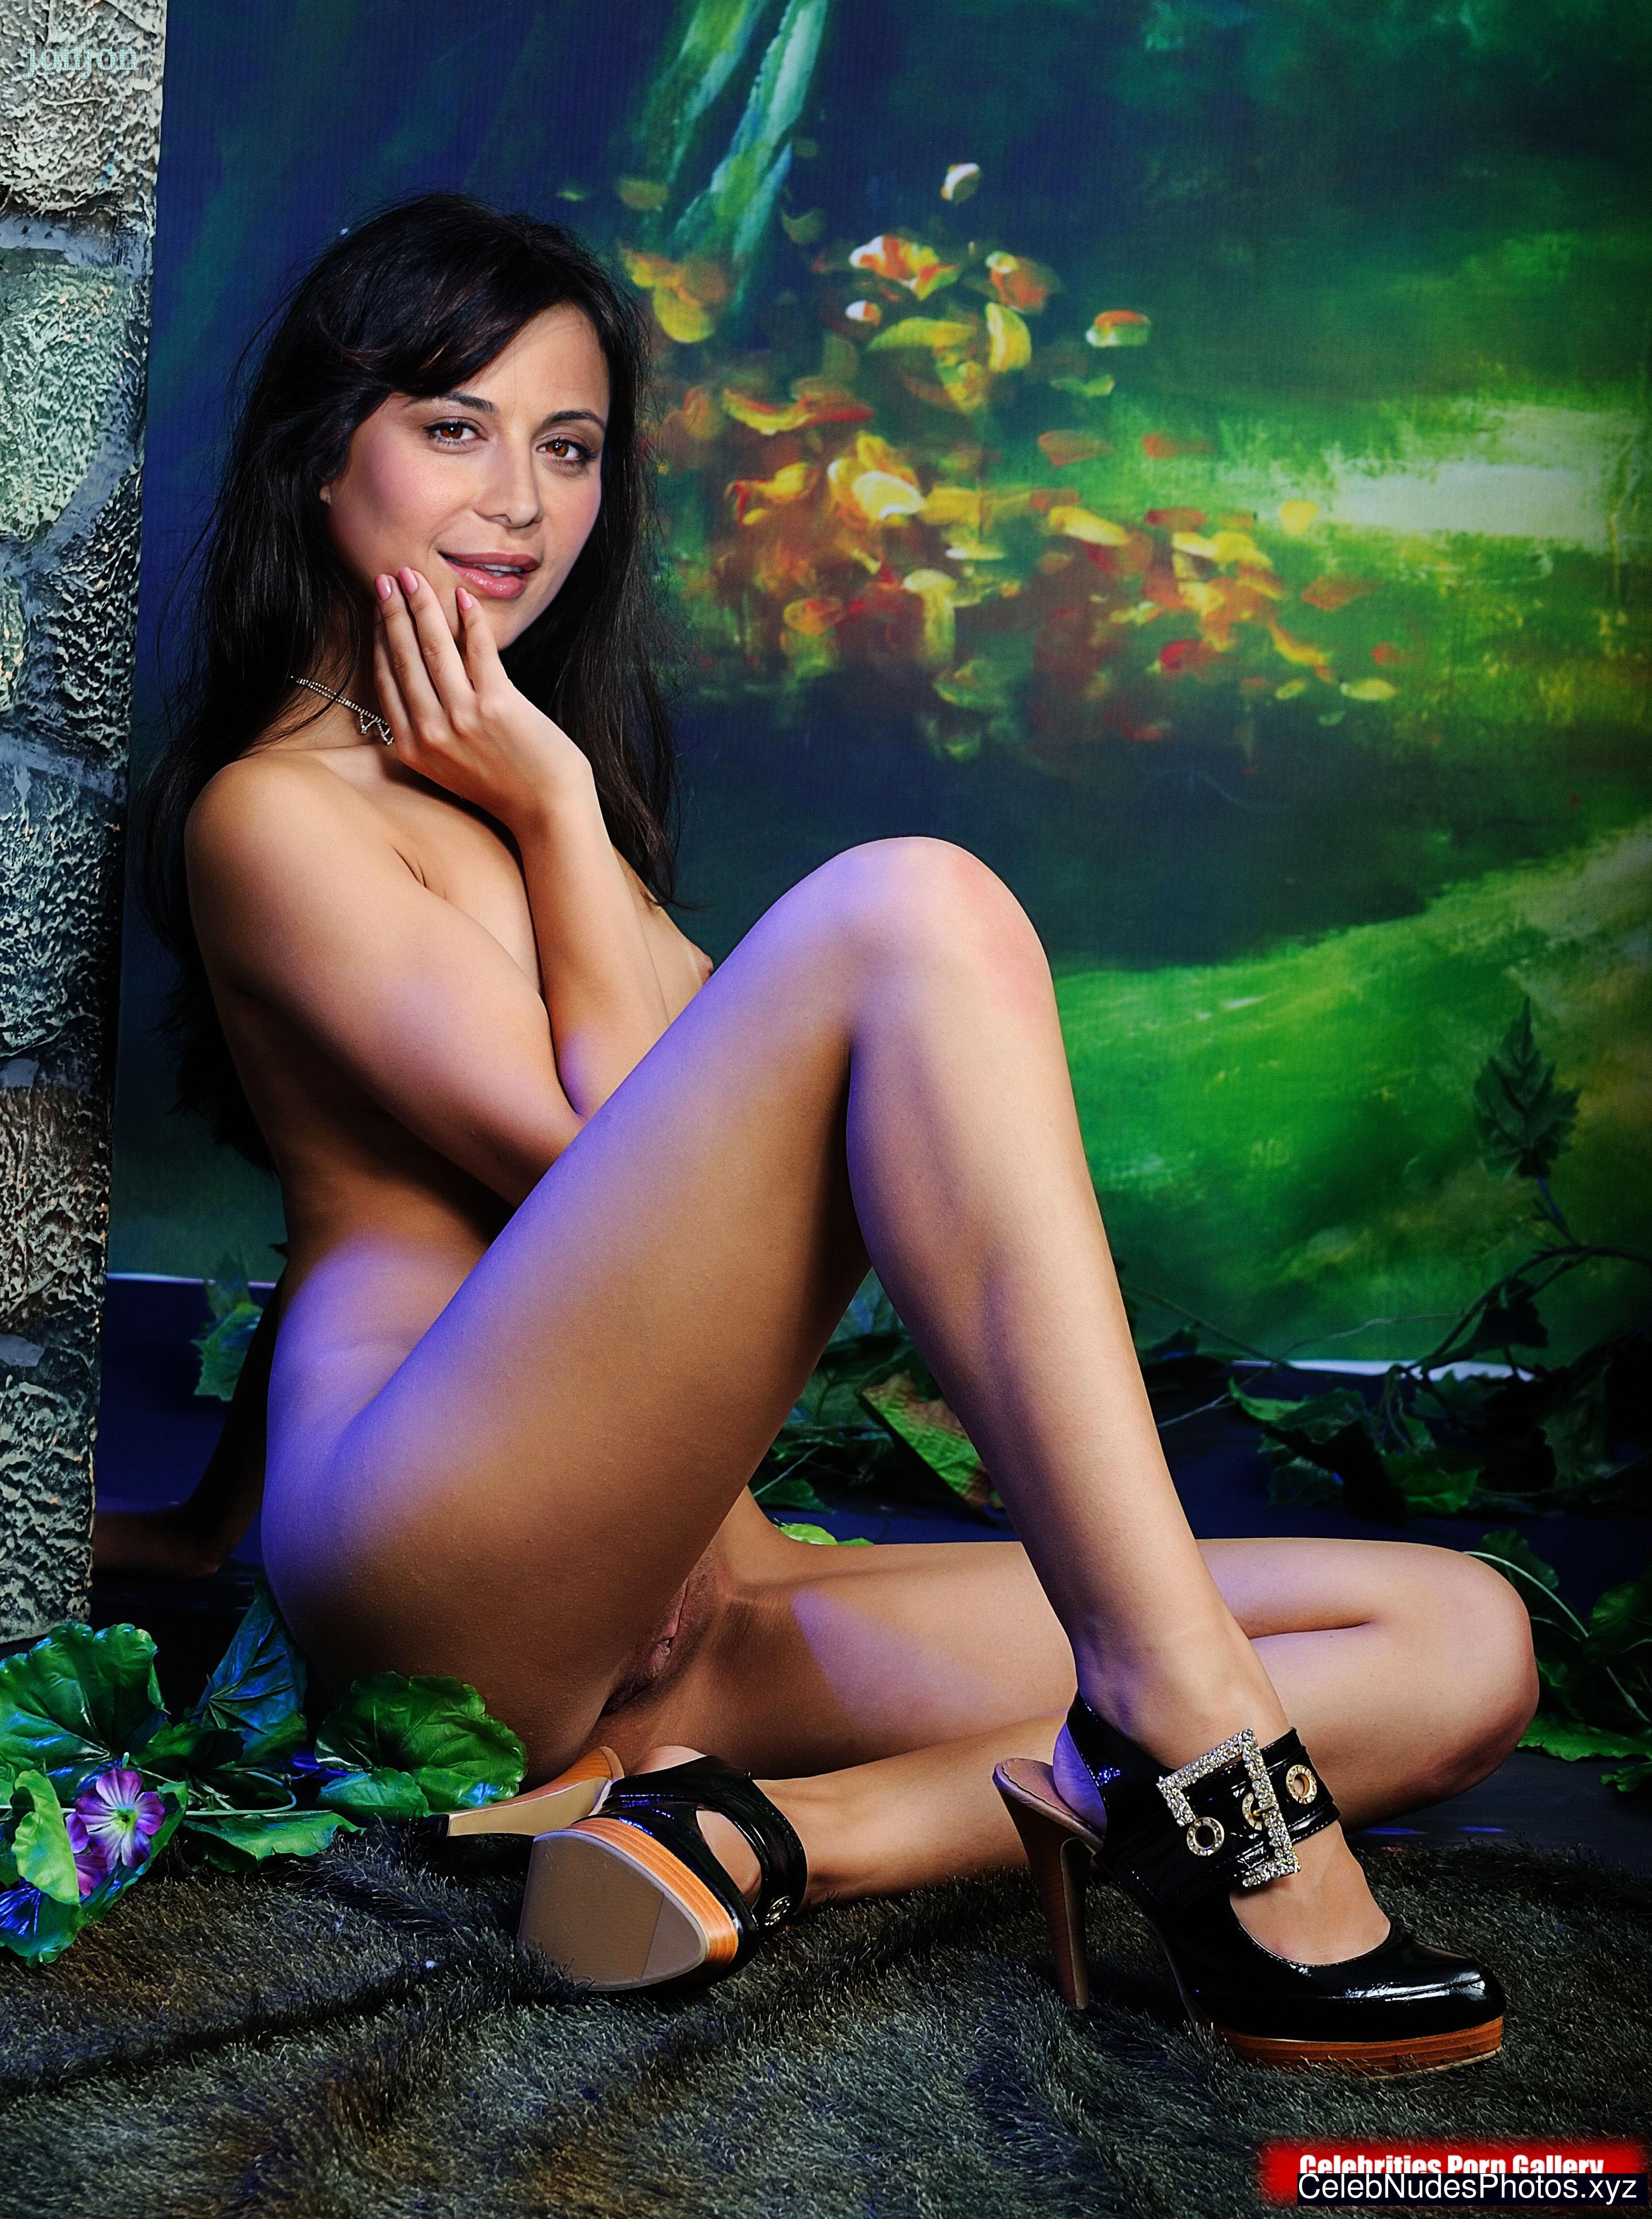 hegre art nude video